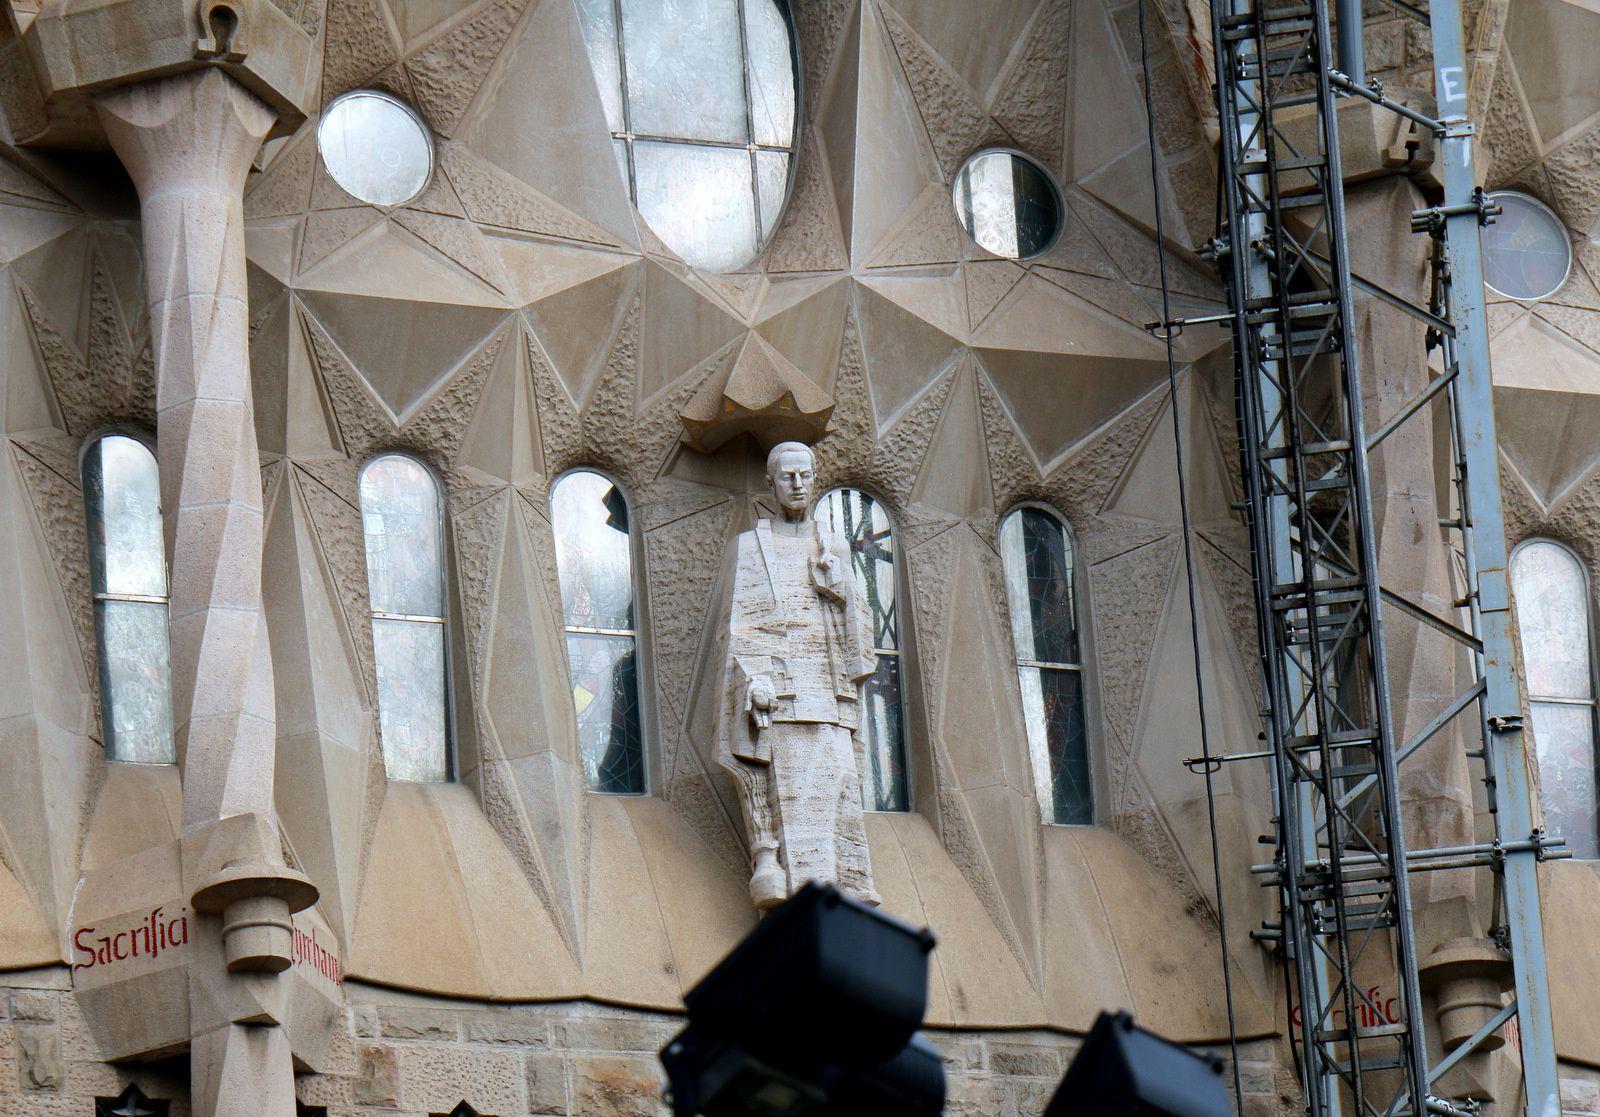 Sagrada Familia, extérieurs de la nef centrale (2/2)